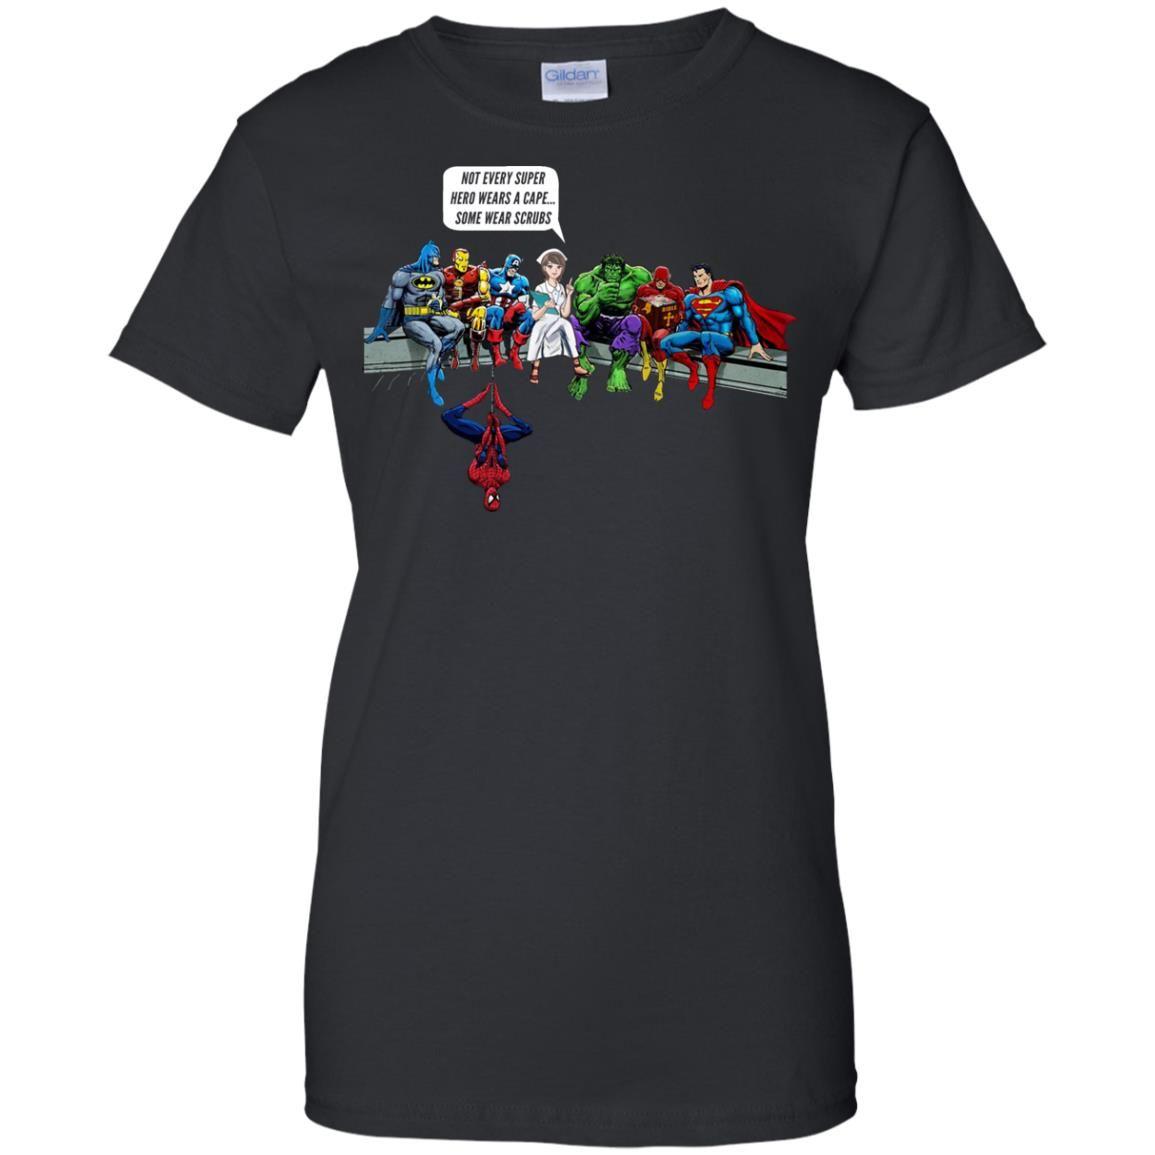 image 1900 - Nurse and Superheroes shirt, hoodie, tank top